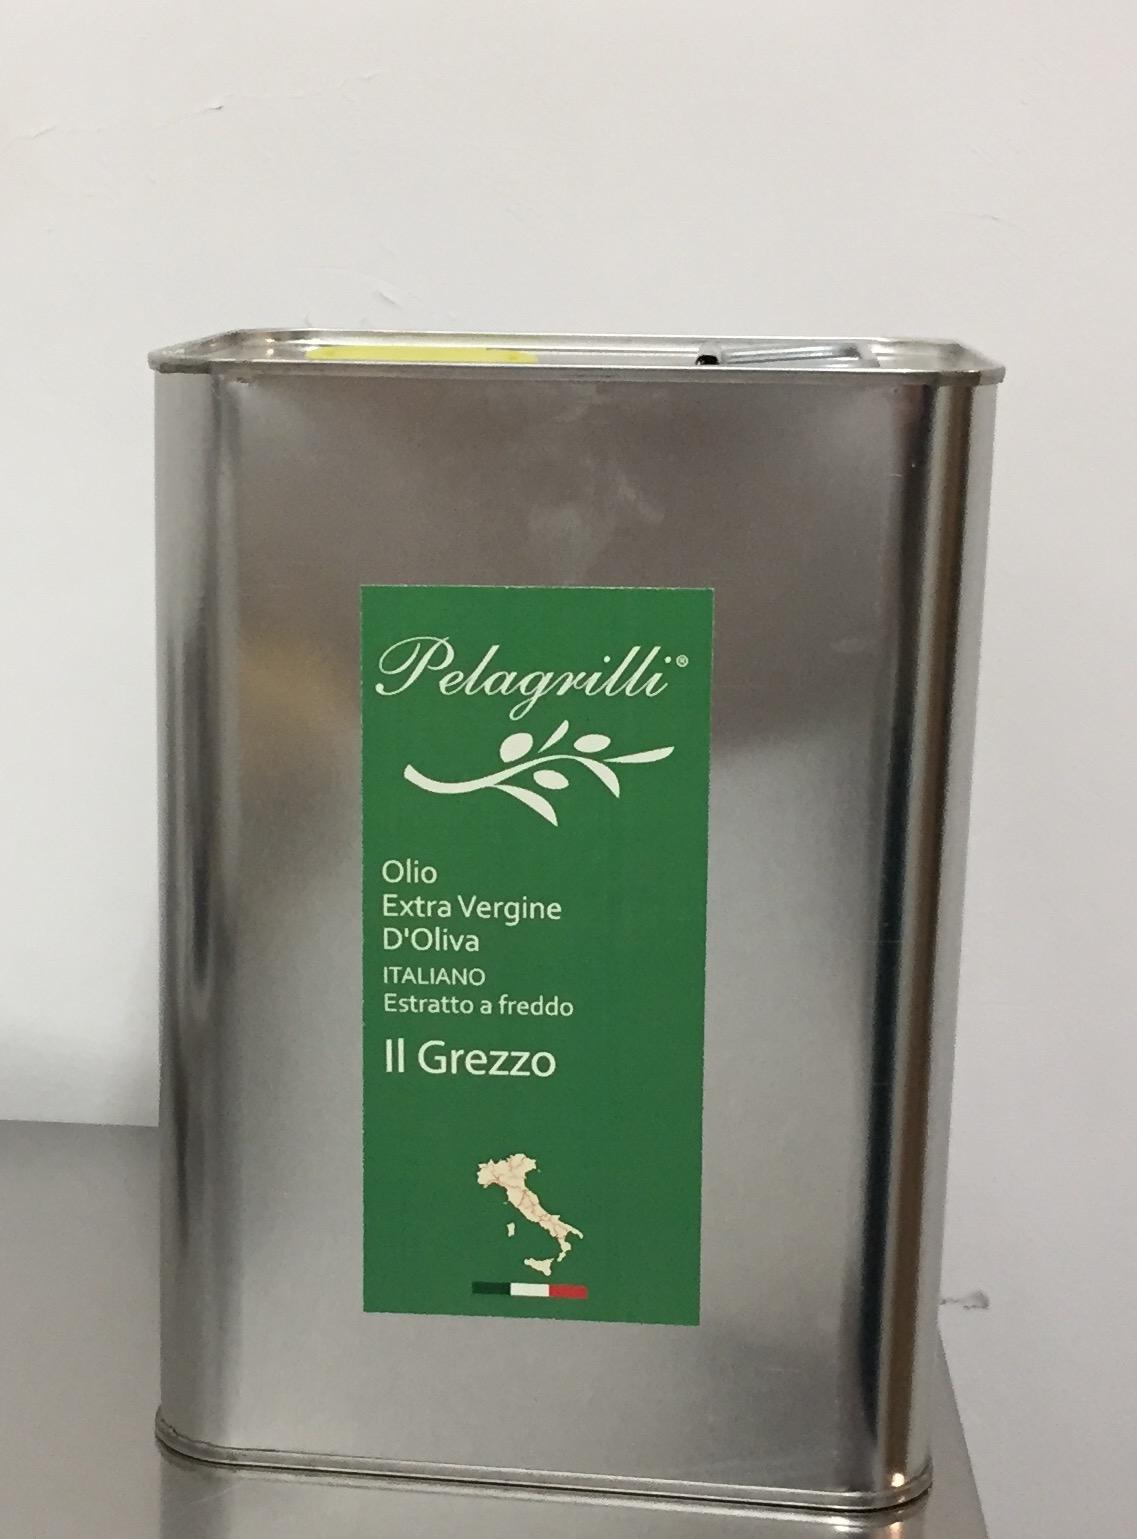 ITALIANO GREZZO Nuovo Raccolto 2019-2020 olio extra vergine di oliva Italiano estratto a freddo lt. 3